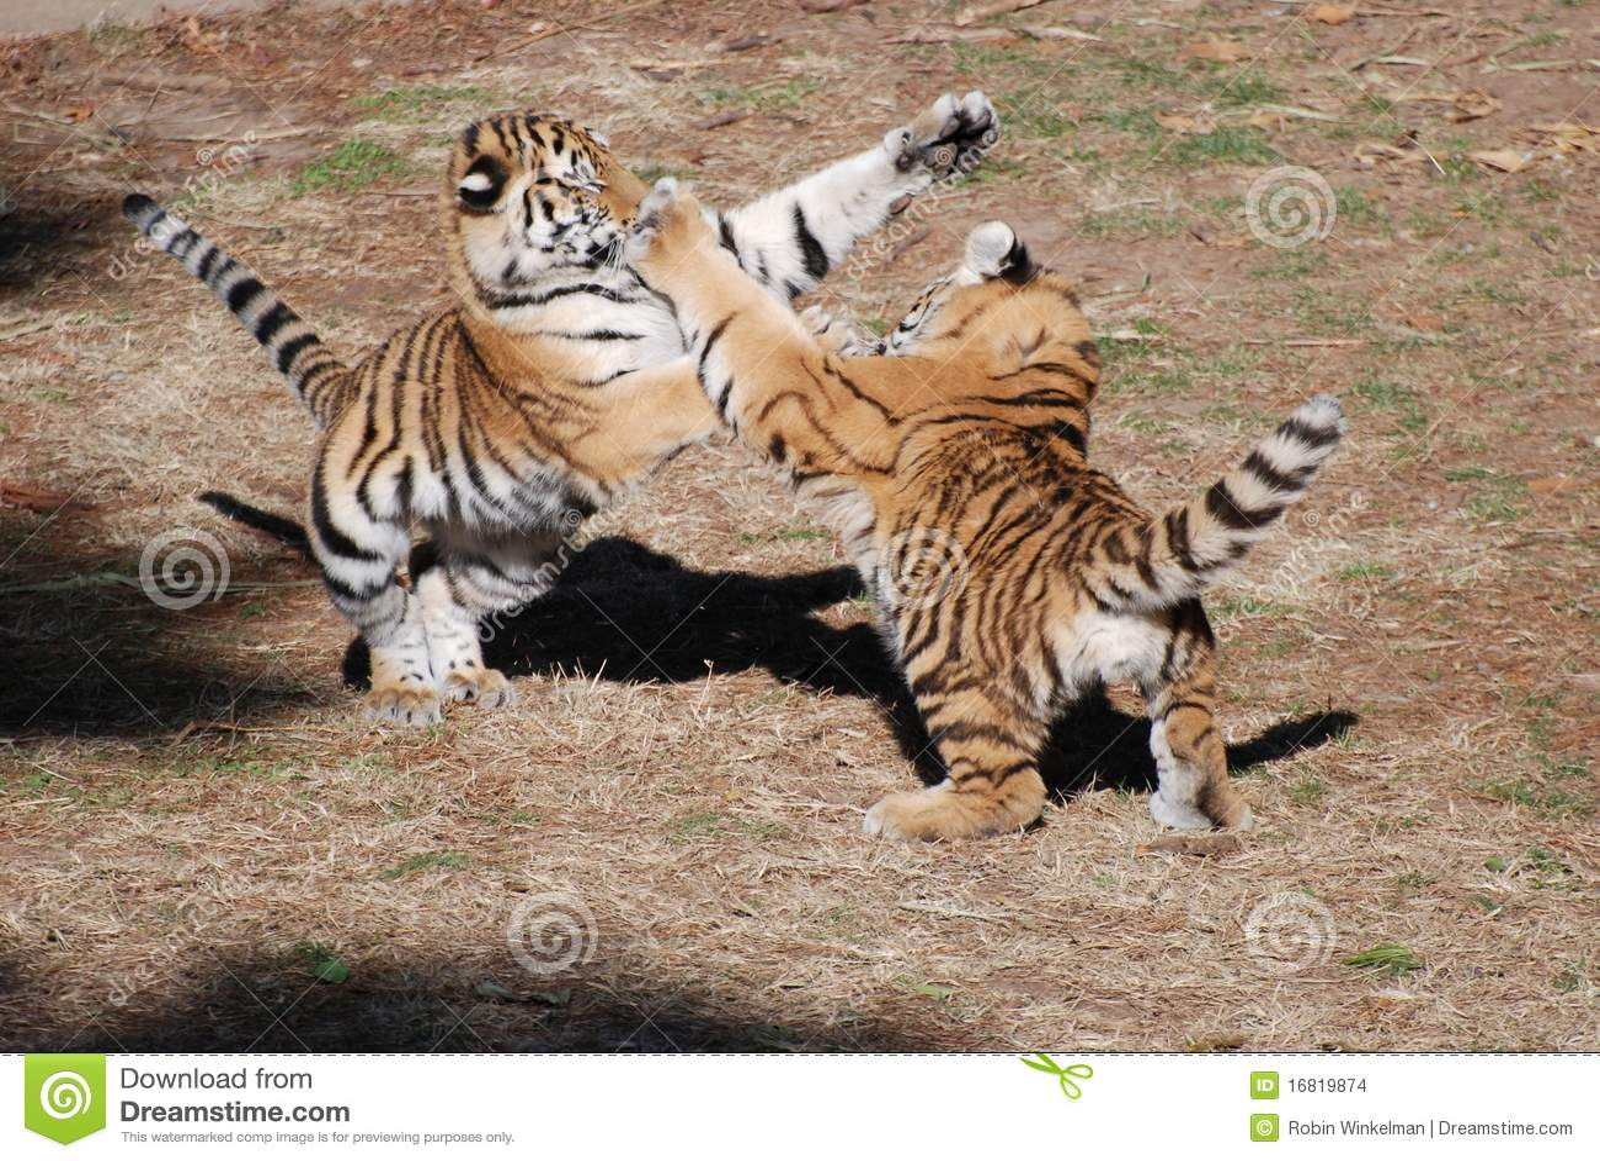 De welpen van de tijger bij spel